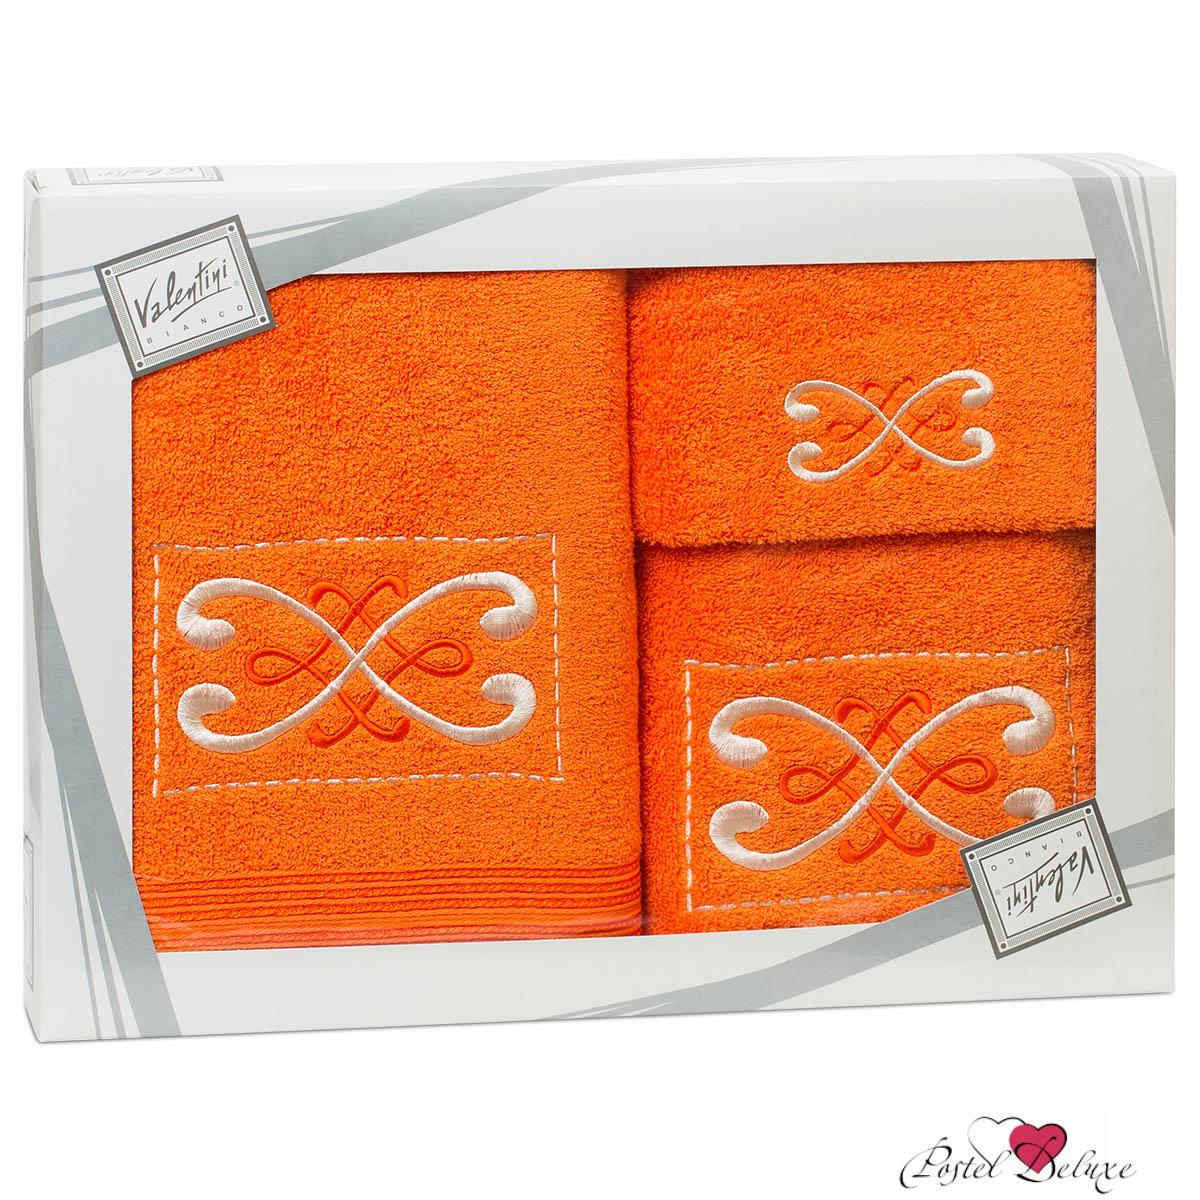 Полотенца Valentini Полотенце Fantasy Цвет: Оранжевый (Набор) сауны бани и оборудование valentini набор для сауны fantasy цвет оранжевый